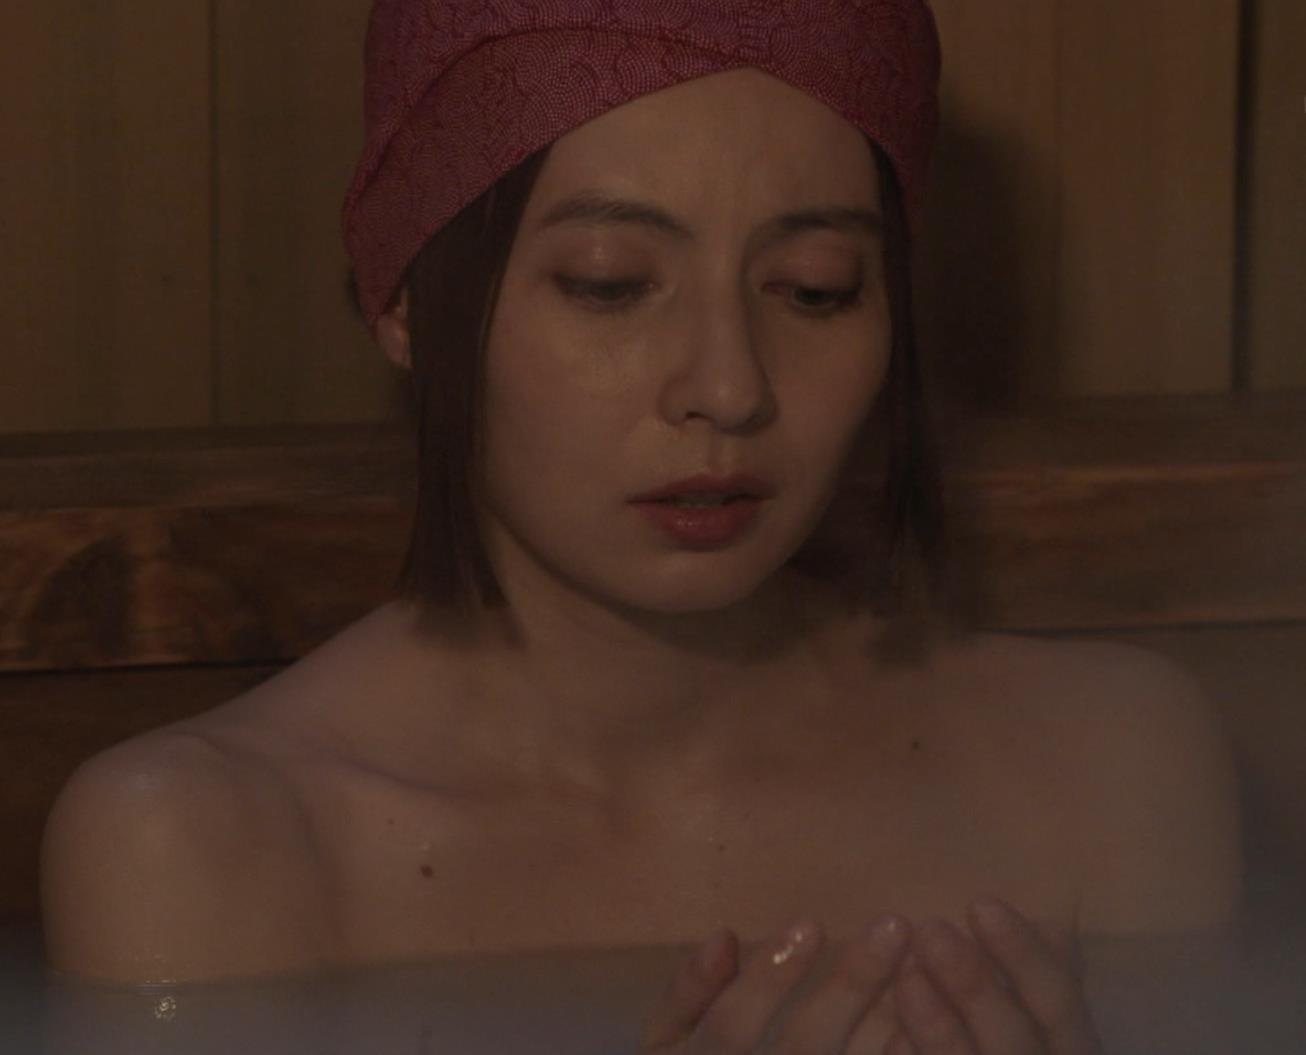 ベッキー 入浴シーン!!BSの変な時代劇キャプ・エロ画像19